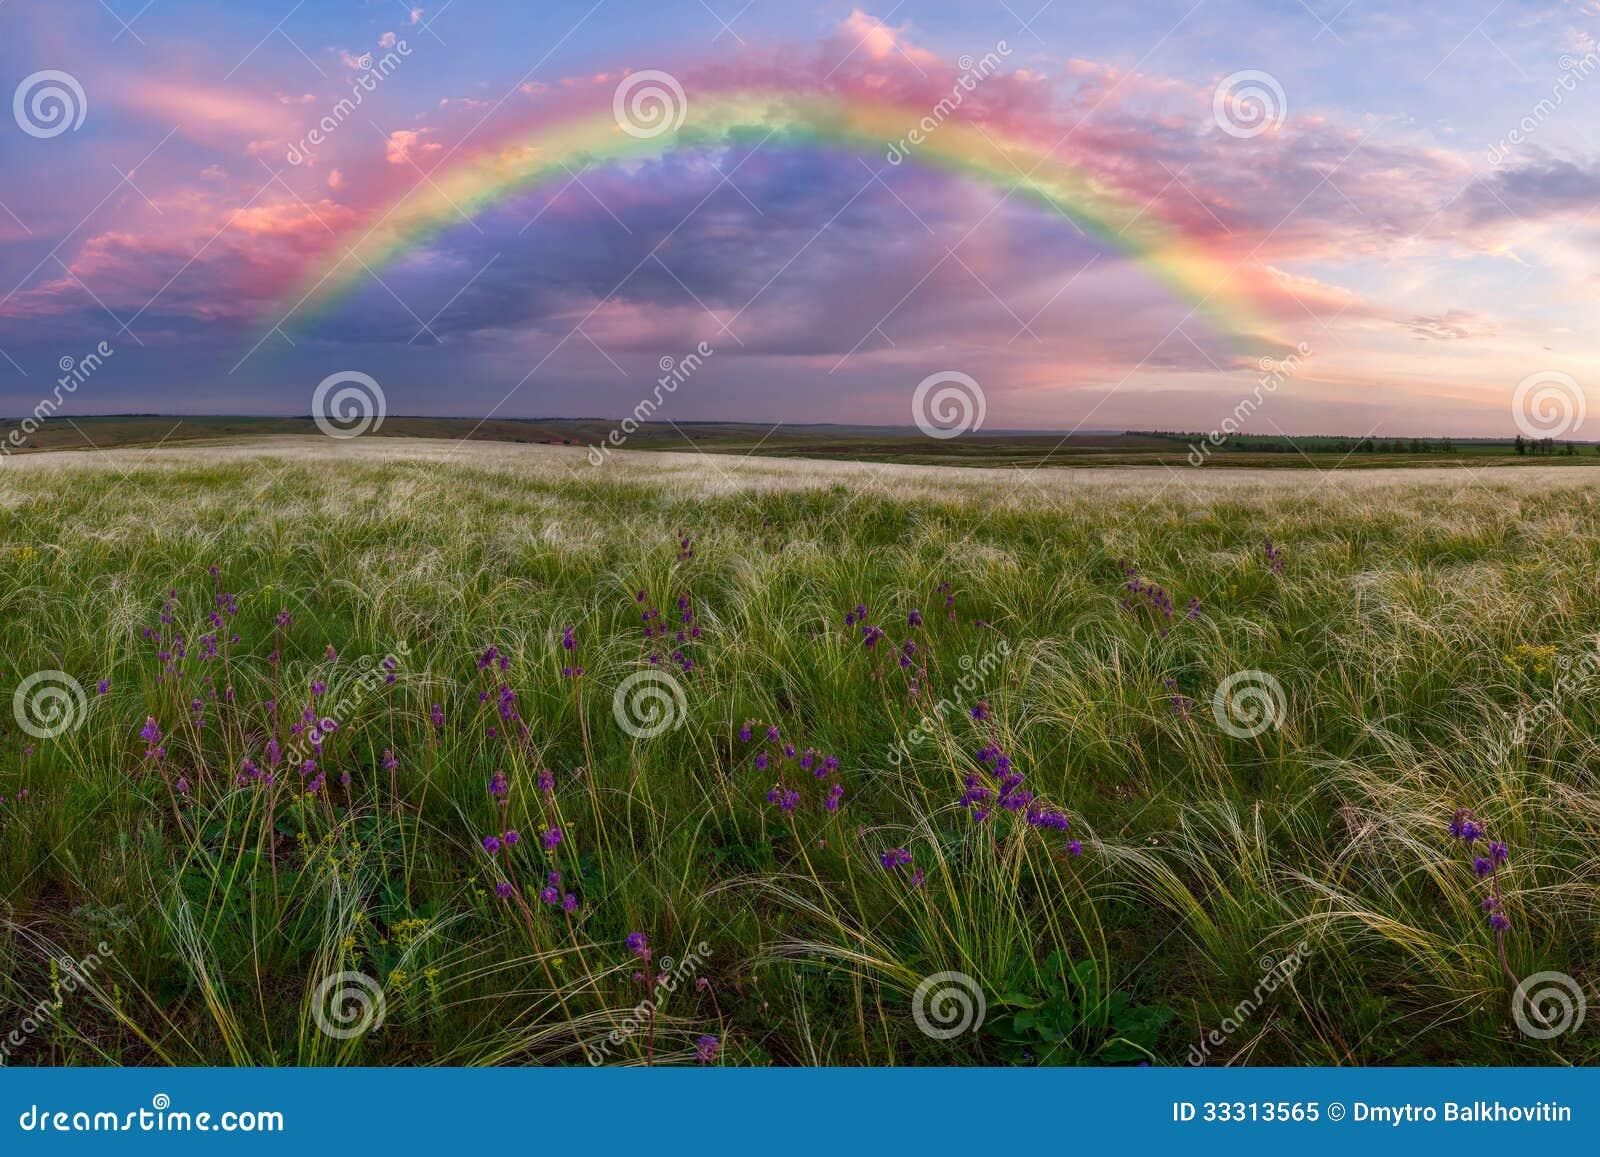 Paisagem da mola com arco-íris